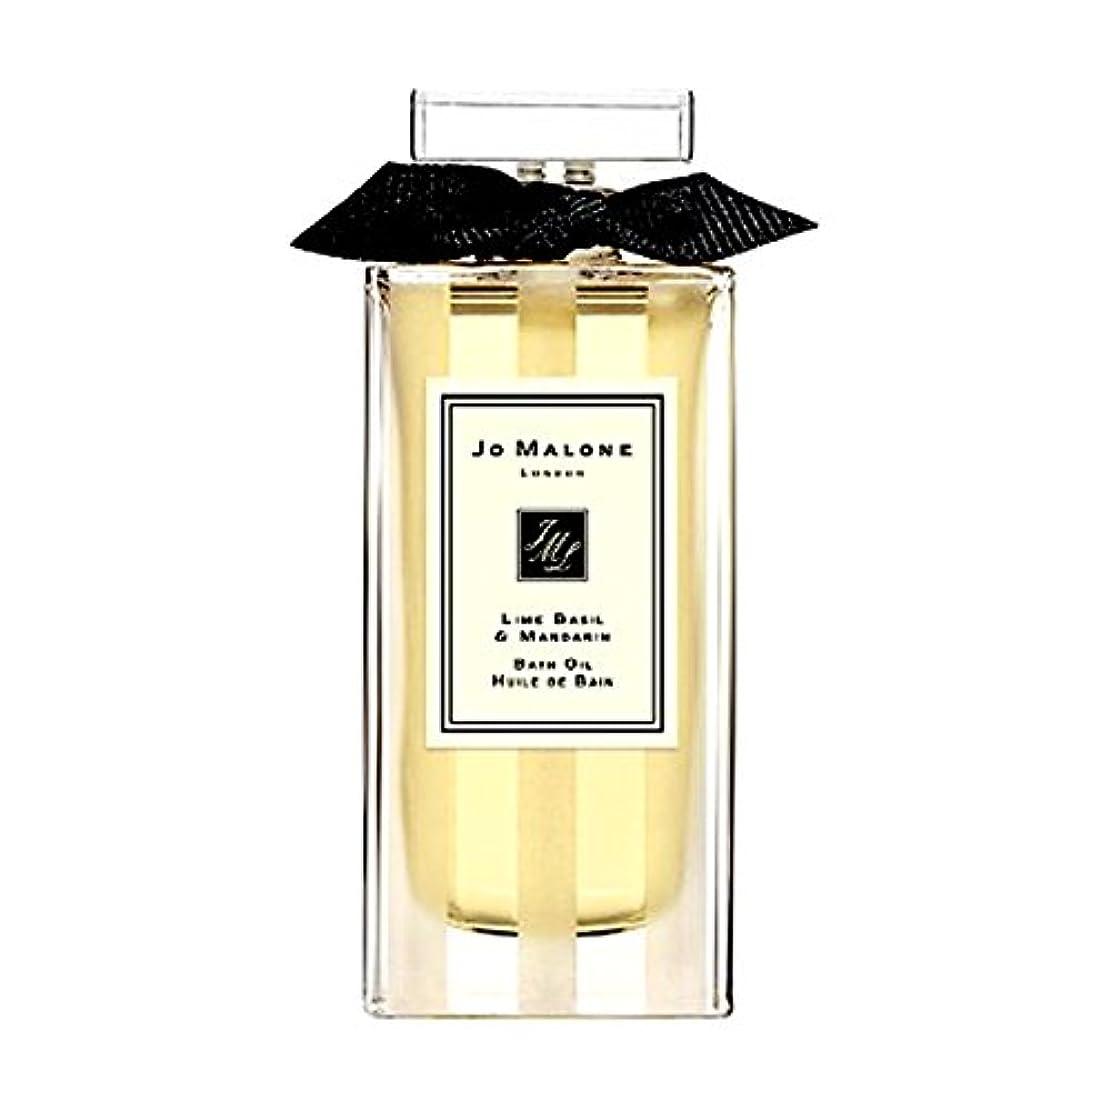 炭水化物腹痛電気的Jo Maloneジョーマローン, バスオイル -ライムバジル&マンダリン (30ml),' Lime Basil & Mandarin' Bath Oil (1oz) [海外直送品] [並行輸入品]